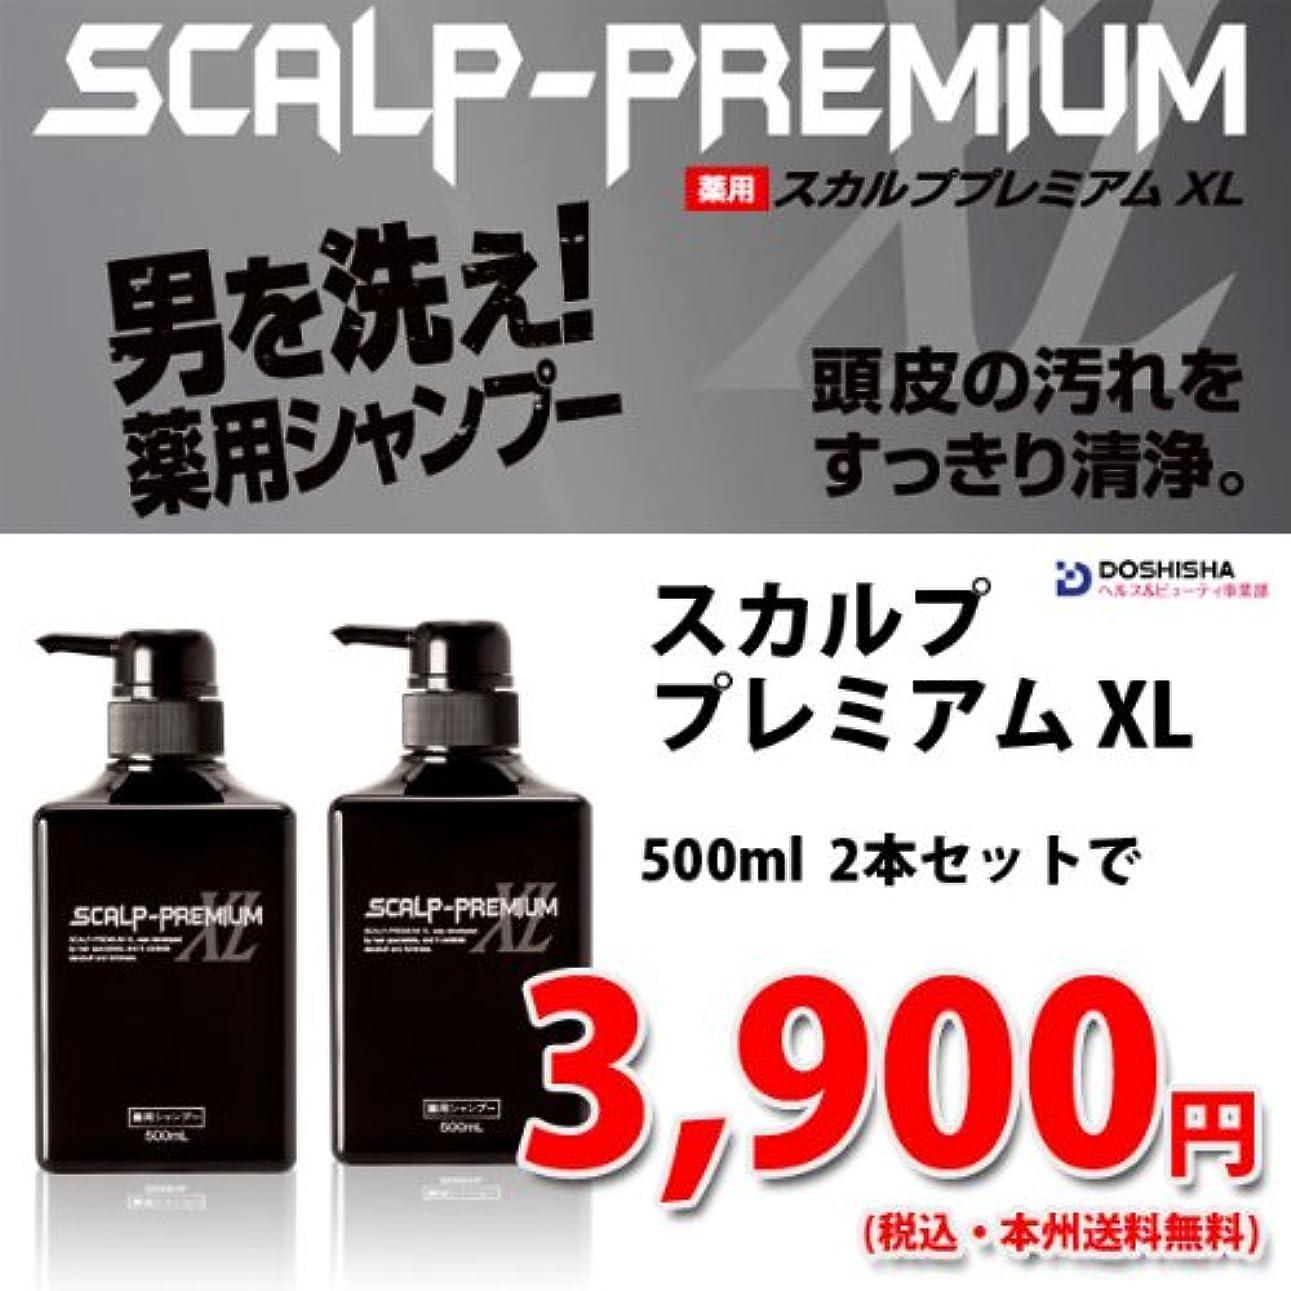 曲げる告白する激しい頭皮ケア スカルププレミアムXL シャンプー 500ml×2本